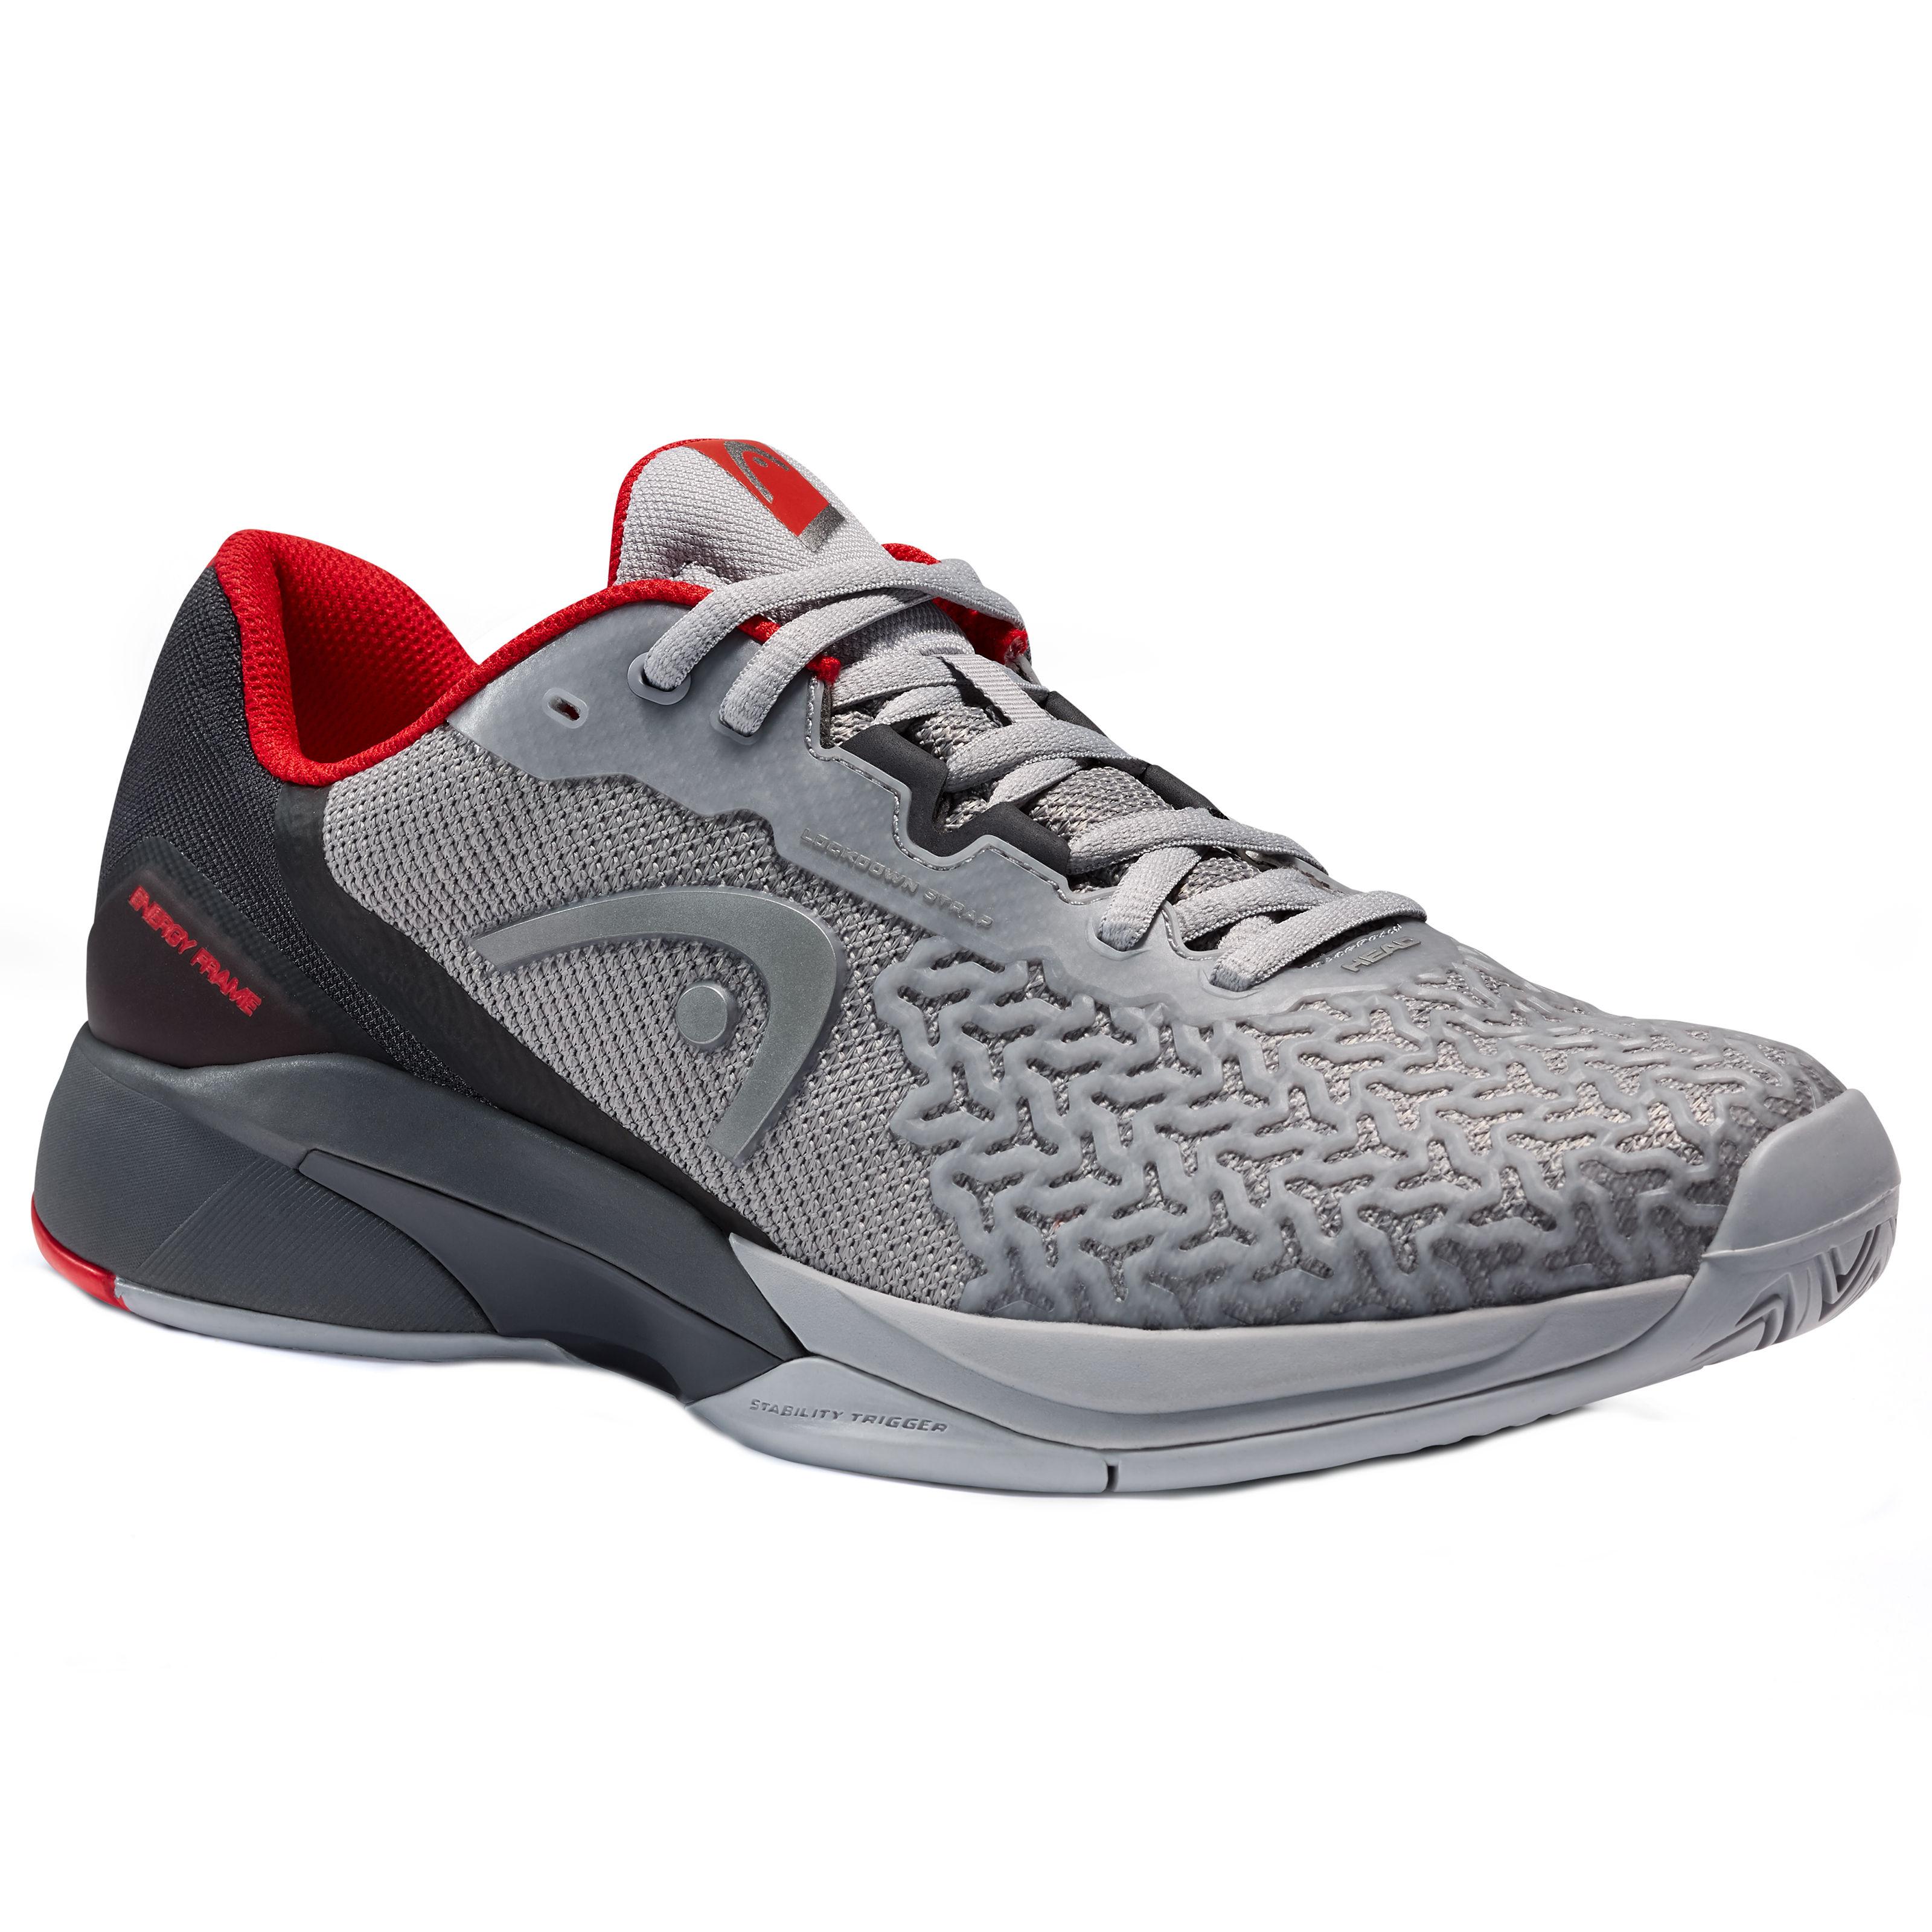 Head Revolt Pro 3.5 Men's Shoes GRRD (273141)